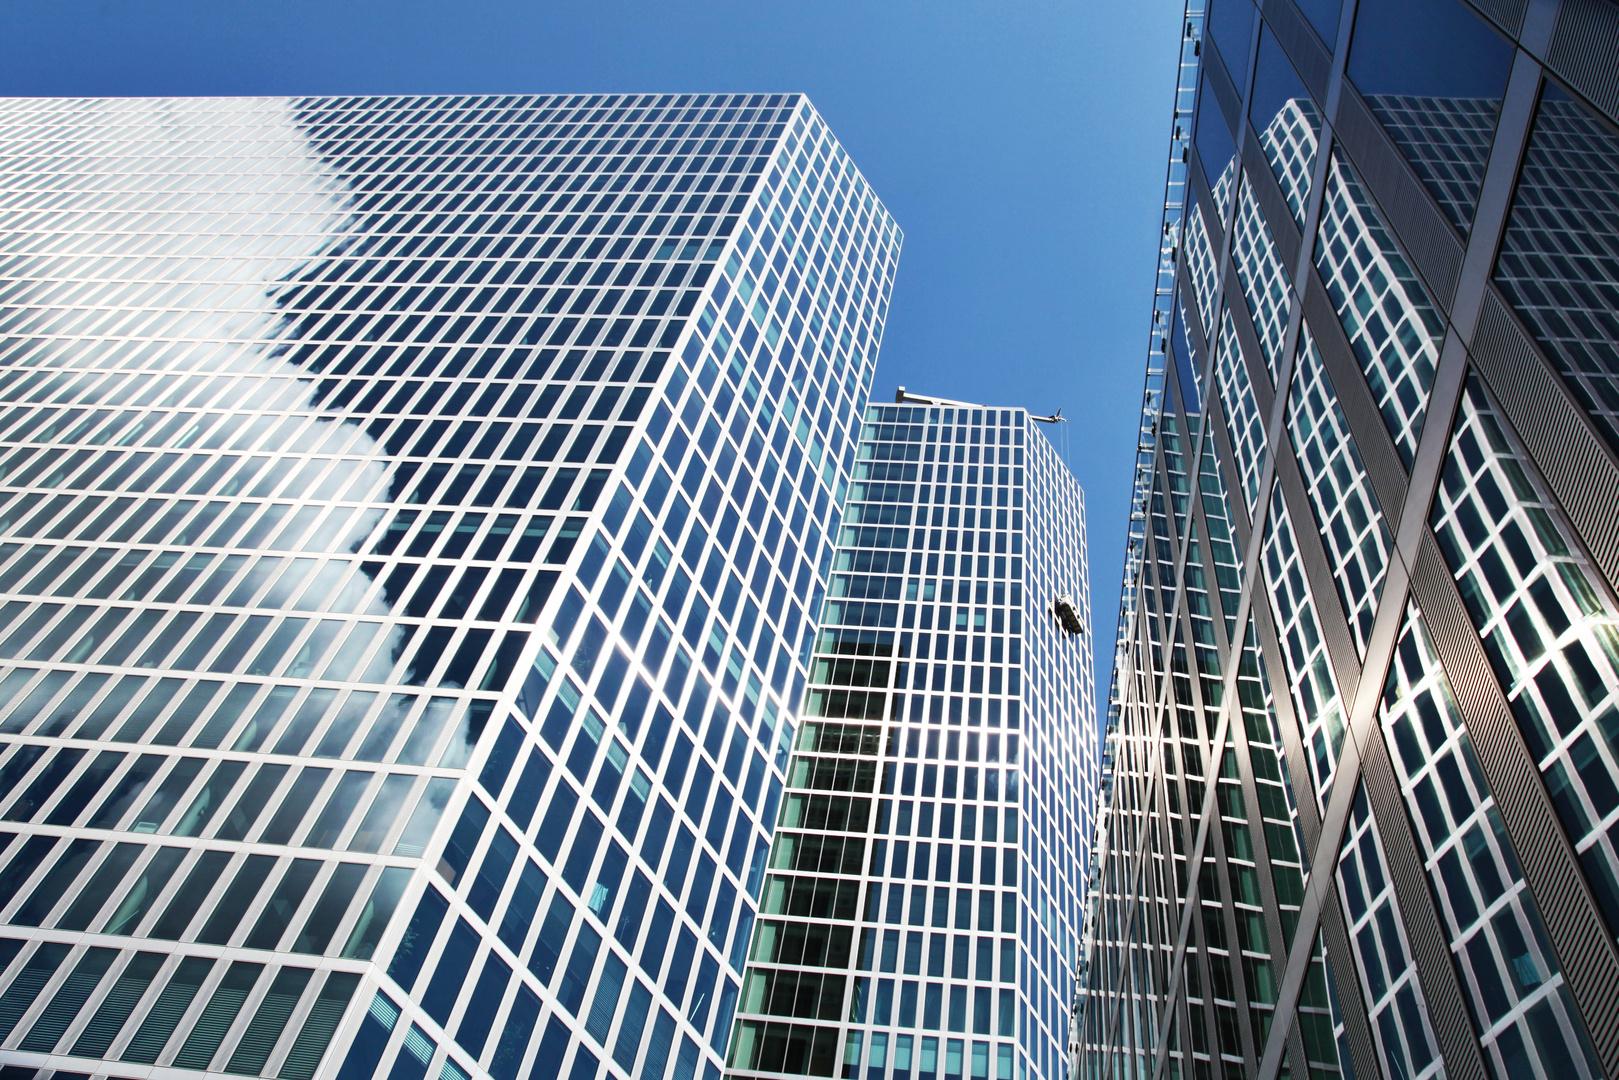 Architektonische Spiegelung